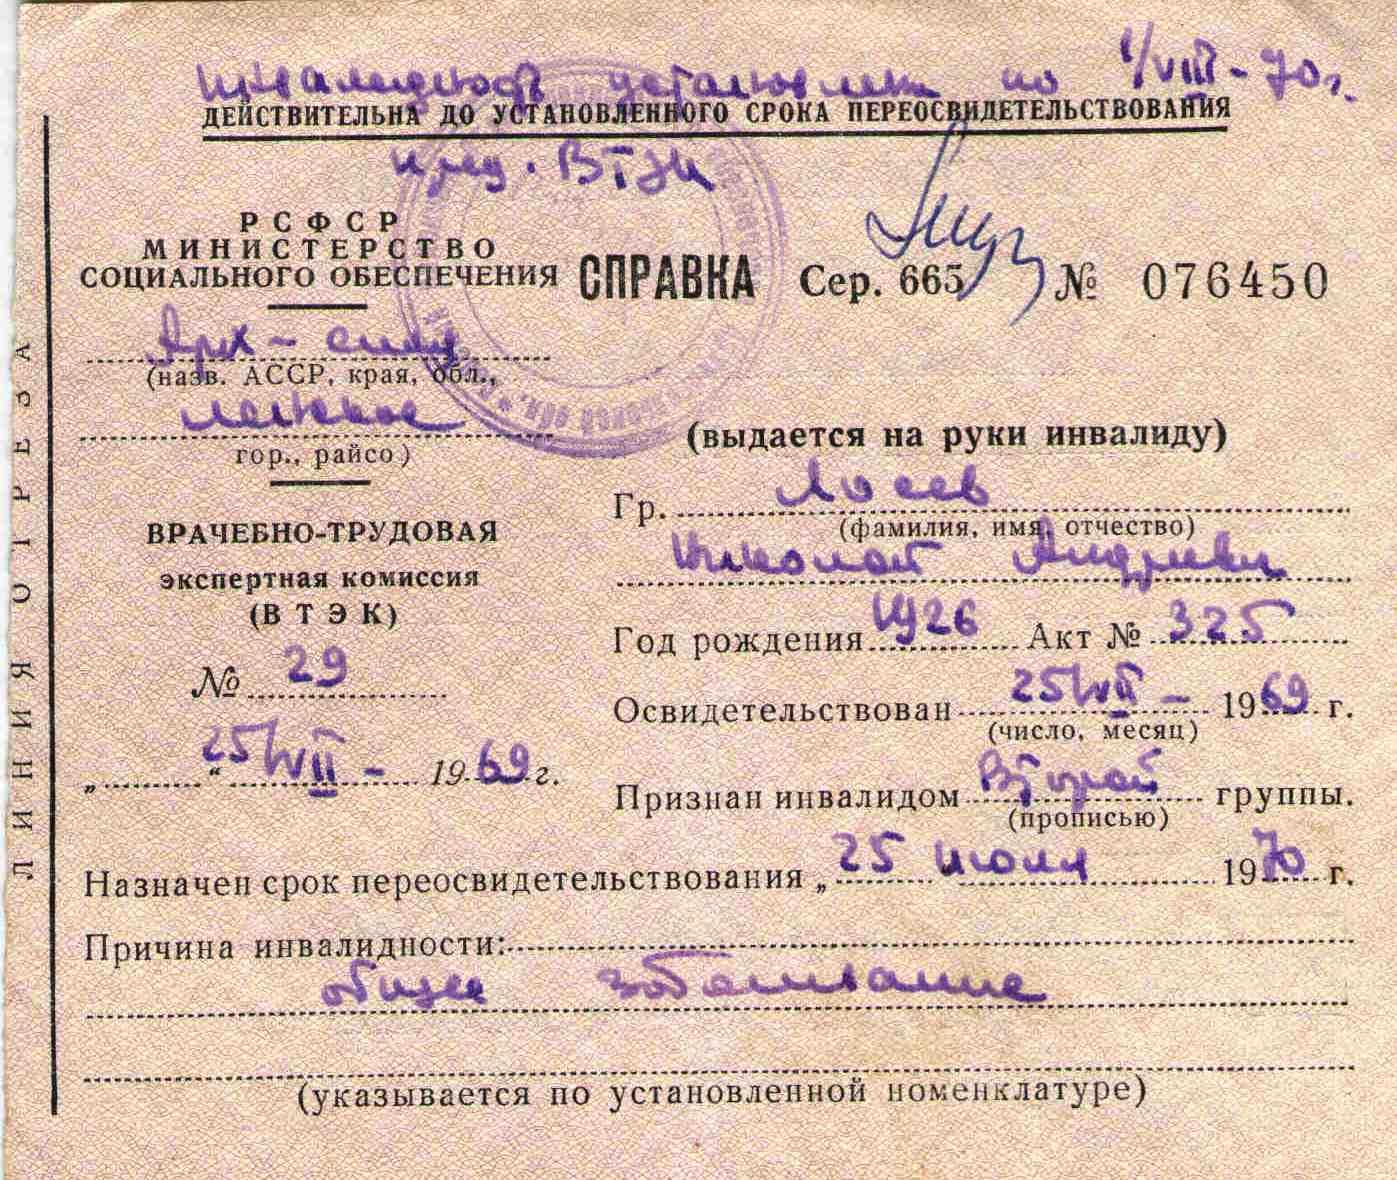 57. Справка Врачебно-трудовой экспертной комиссии ВТЭК, 1969